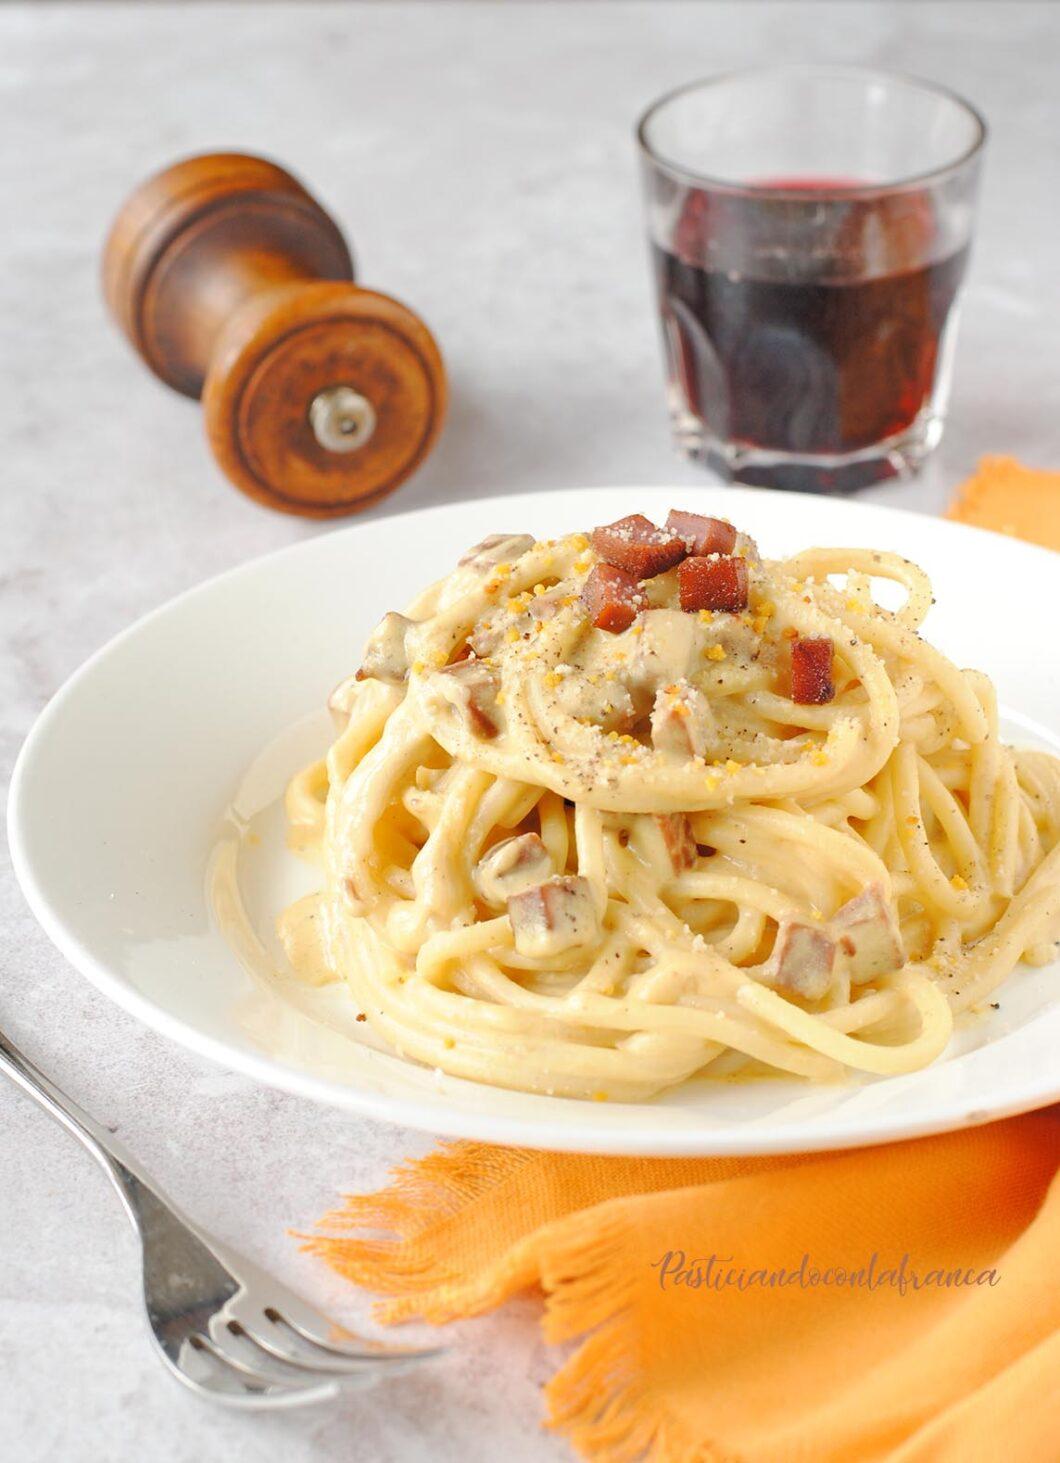 questa immagine rappresenta spaghettoni alla carbonara vegana ricetta di pasticciandoconlafranca